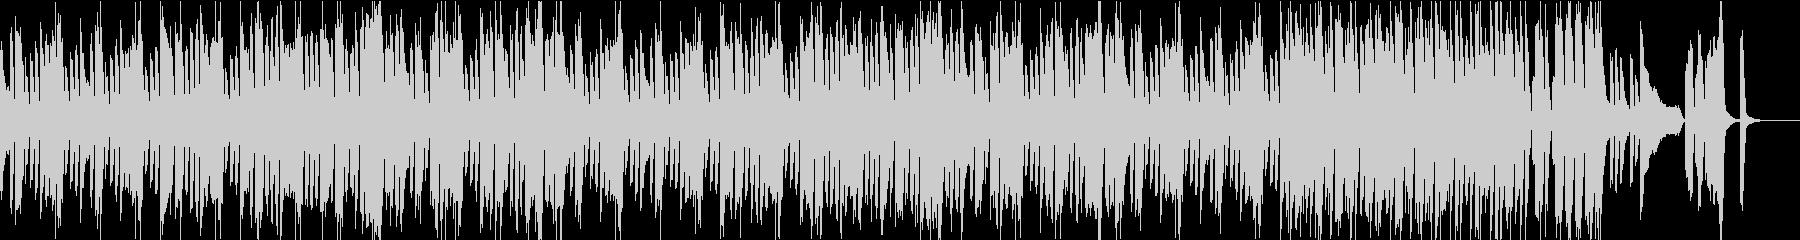 ピアノと和太鼓の軽快コミカルな和風BGMの未再生の波形